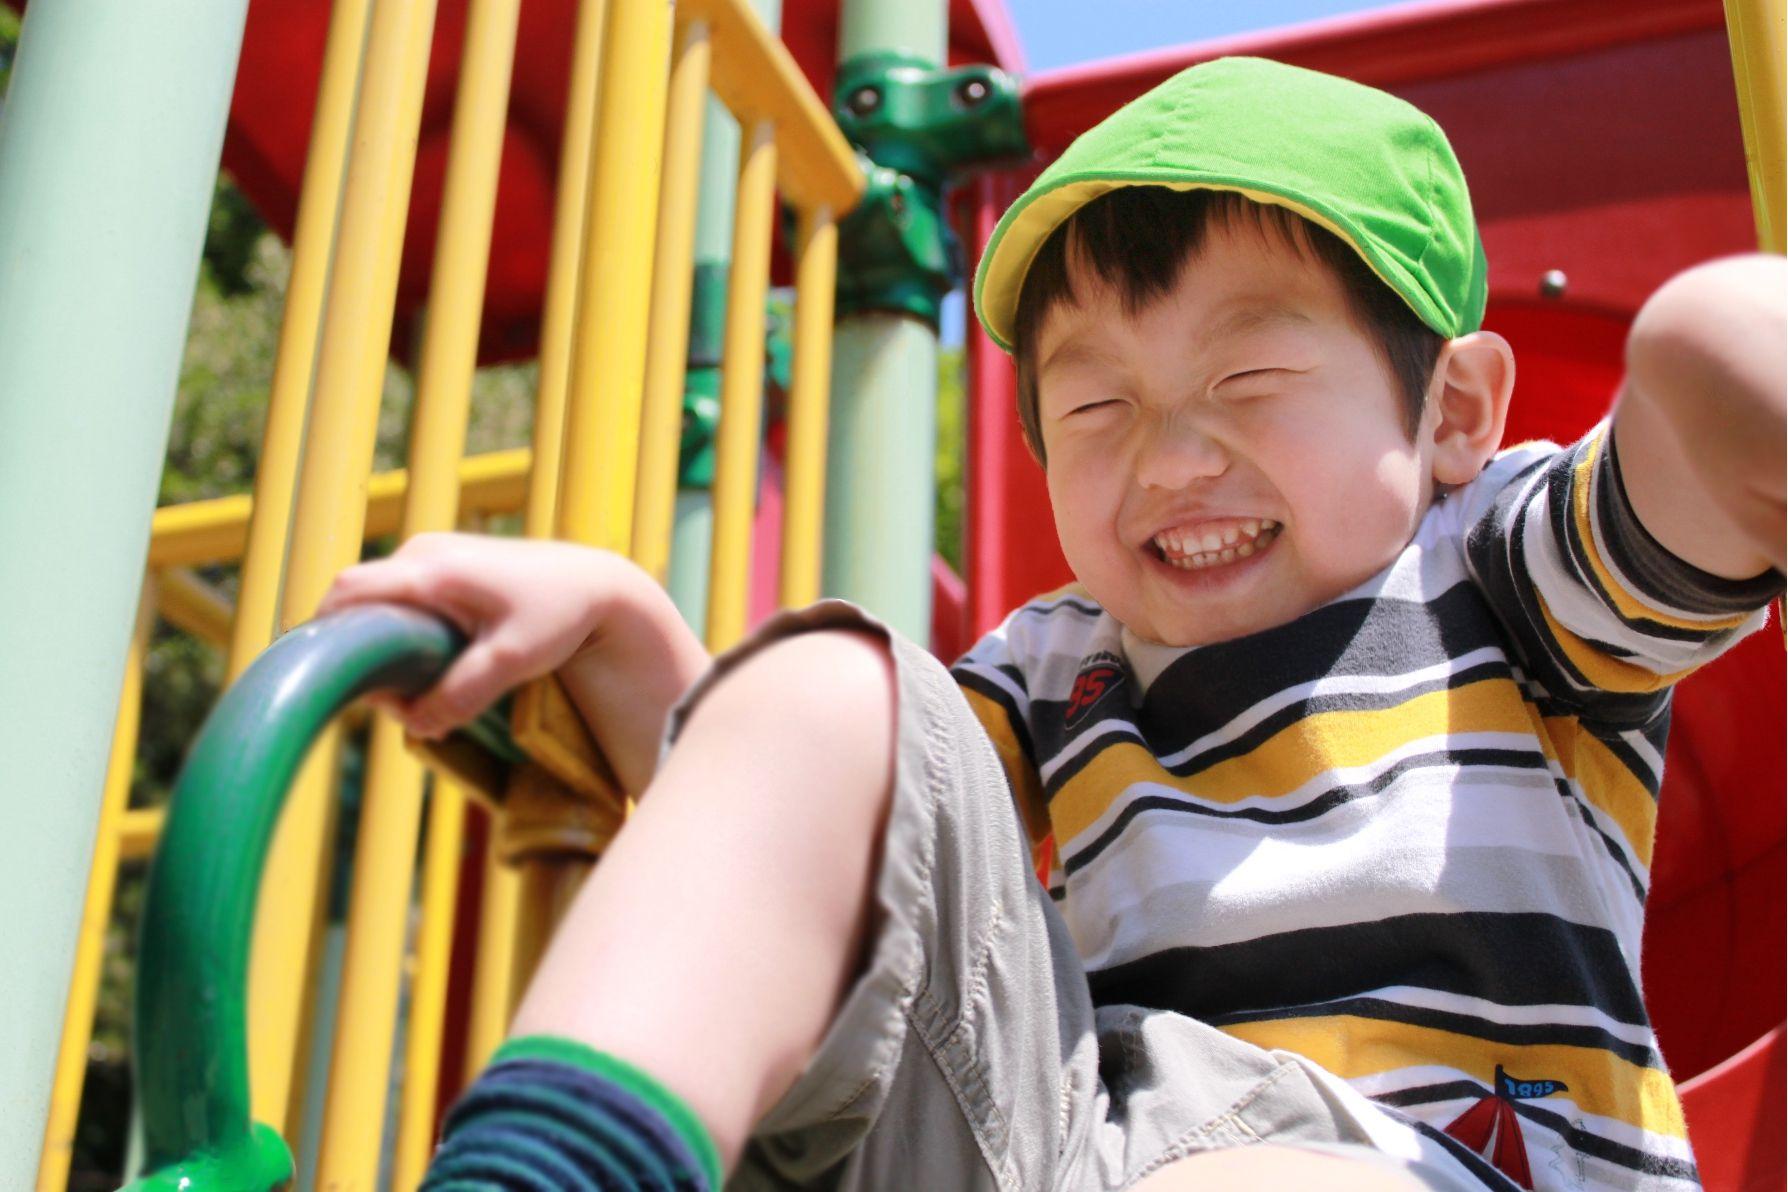 入社時期相談ください!!面接交通費支給★スキルや経験を活かせる!「子どもが好き」というシンプルな気持ちがあれば大歓迎!